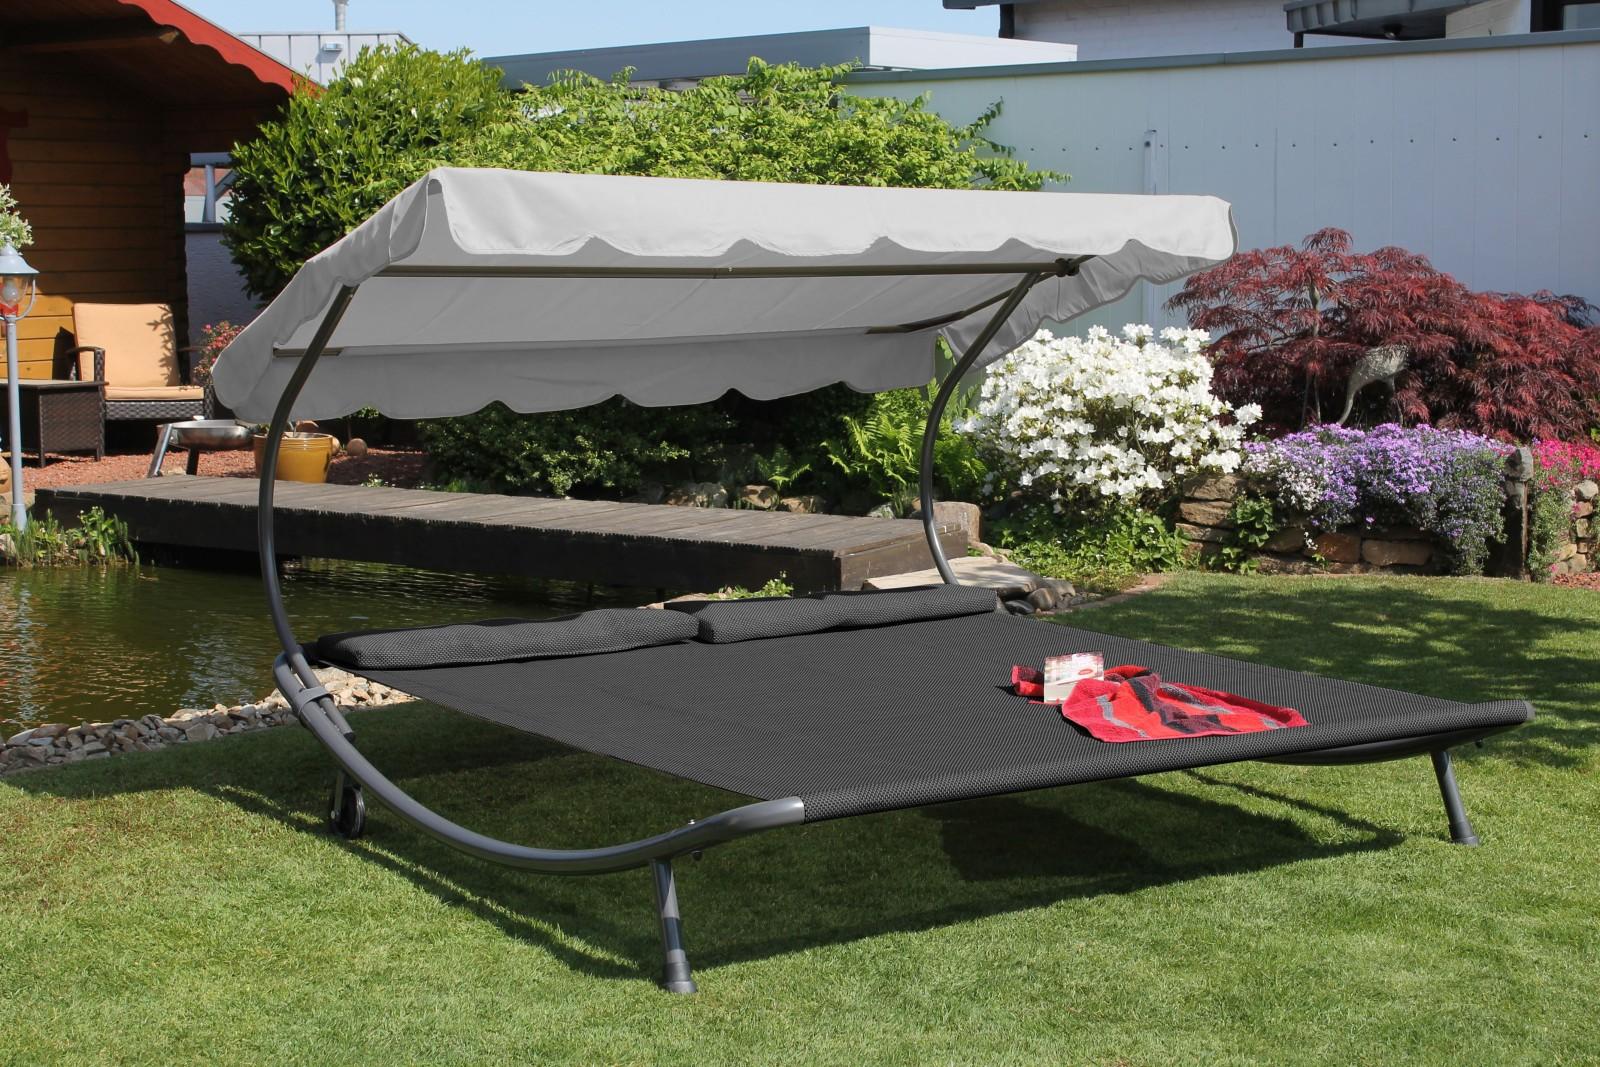 Doppelliegen für den garten  Leco Luxus Doppelliege + Dach + Kissen 2x2m Garten Liege Sonnenliege ...